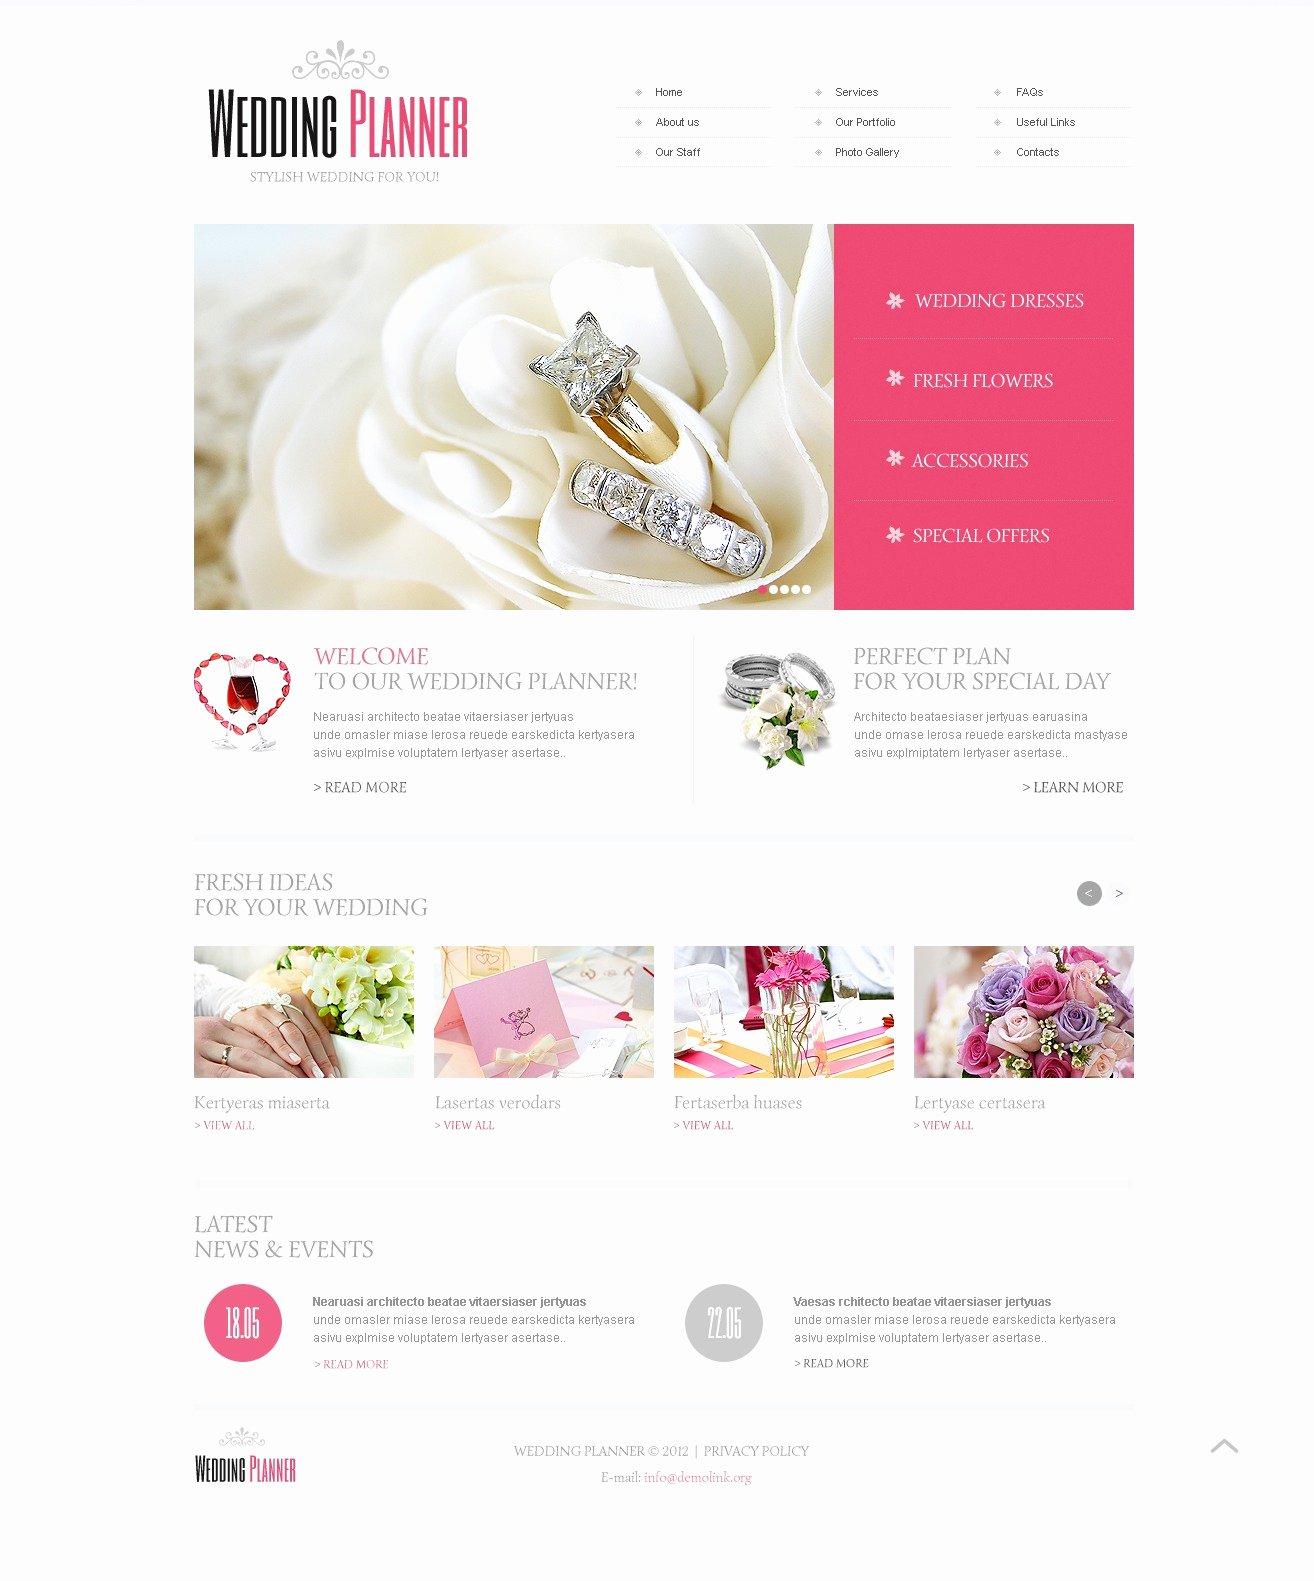 Wedding Planner Website Template Lovely Wedding Planner Website Template